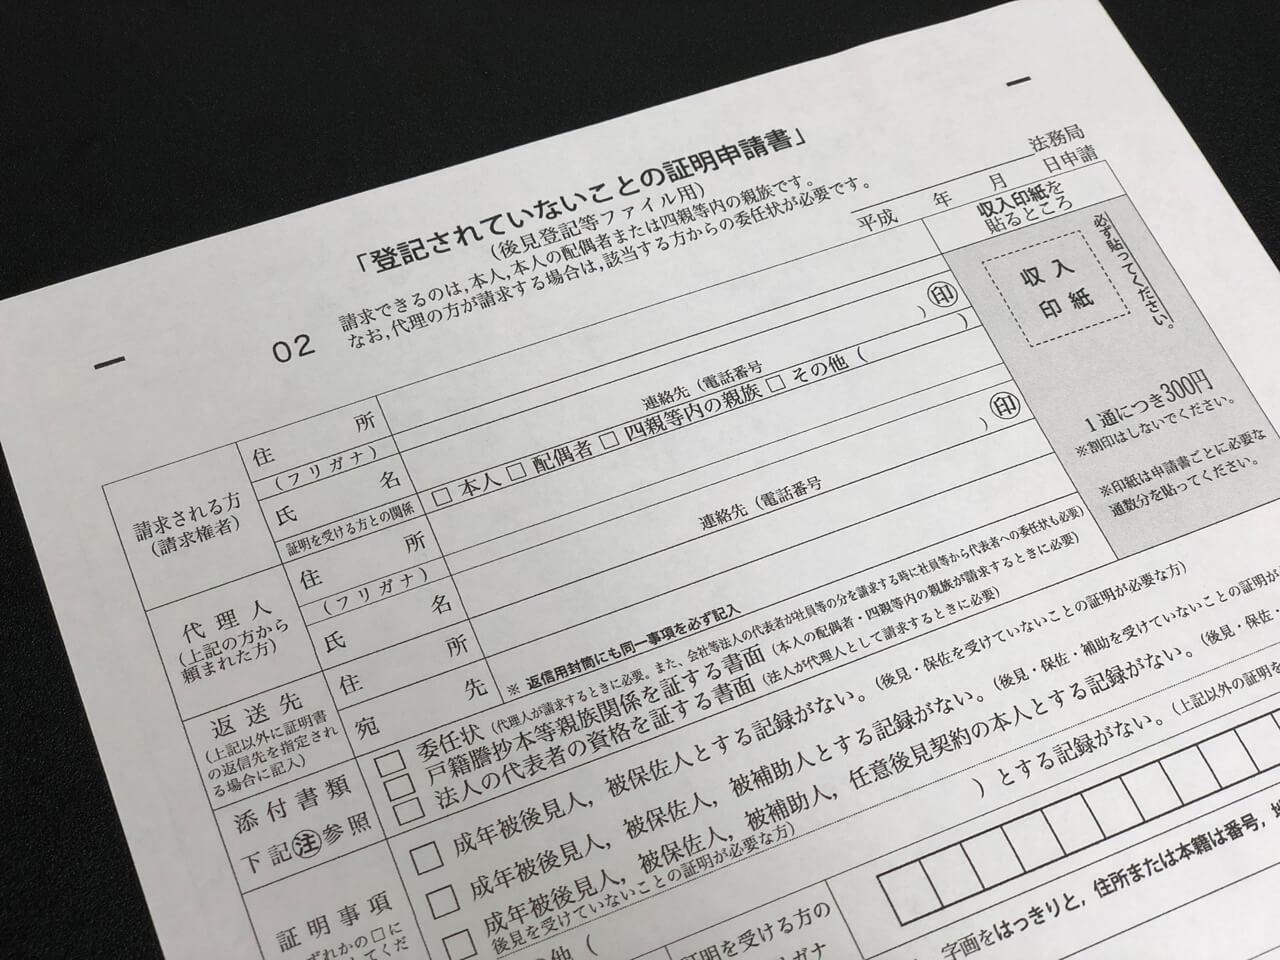 登記されていないことの証明書 取れる人、取れない人 - 6